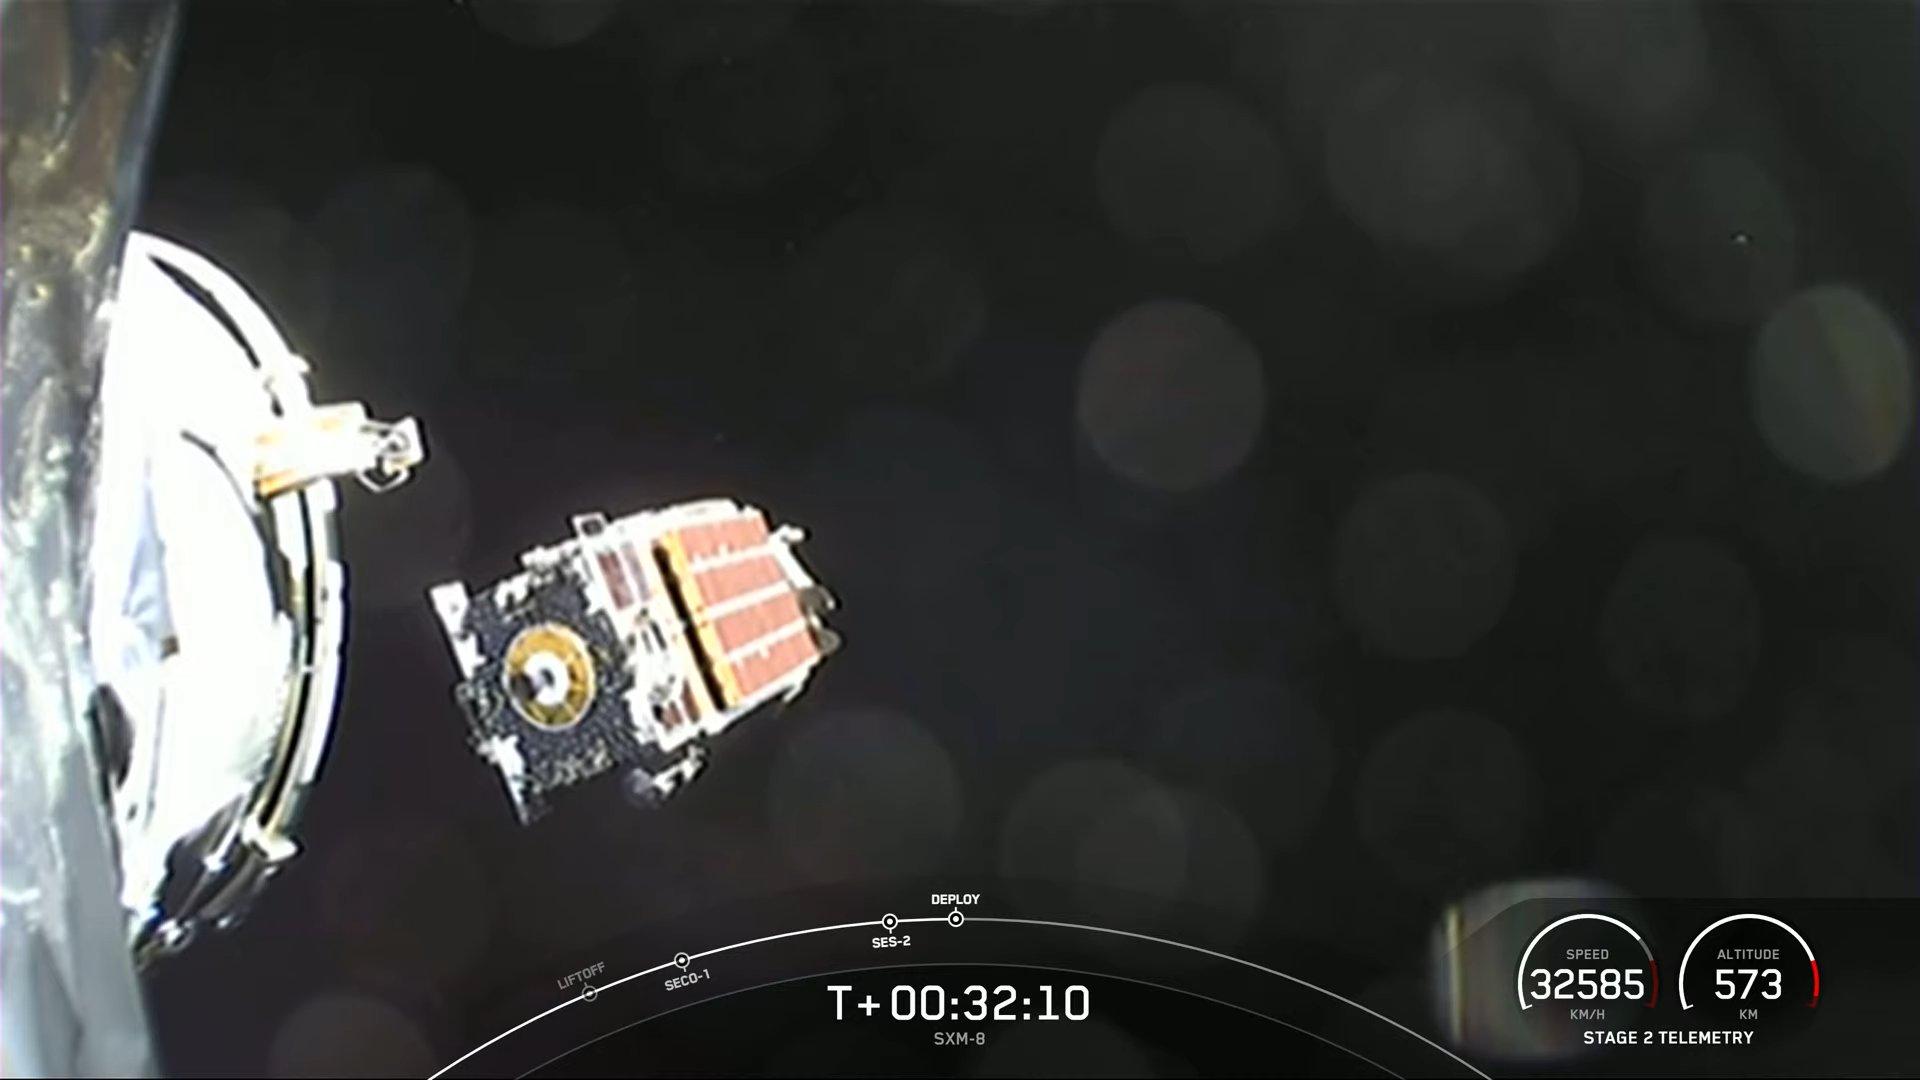 Le satellite Sirius XM SXM-8 est déployé en orbite après son lancement réussi par SpaceX le 6 juin 2021.